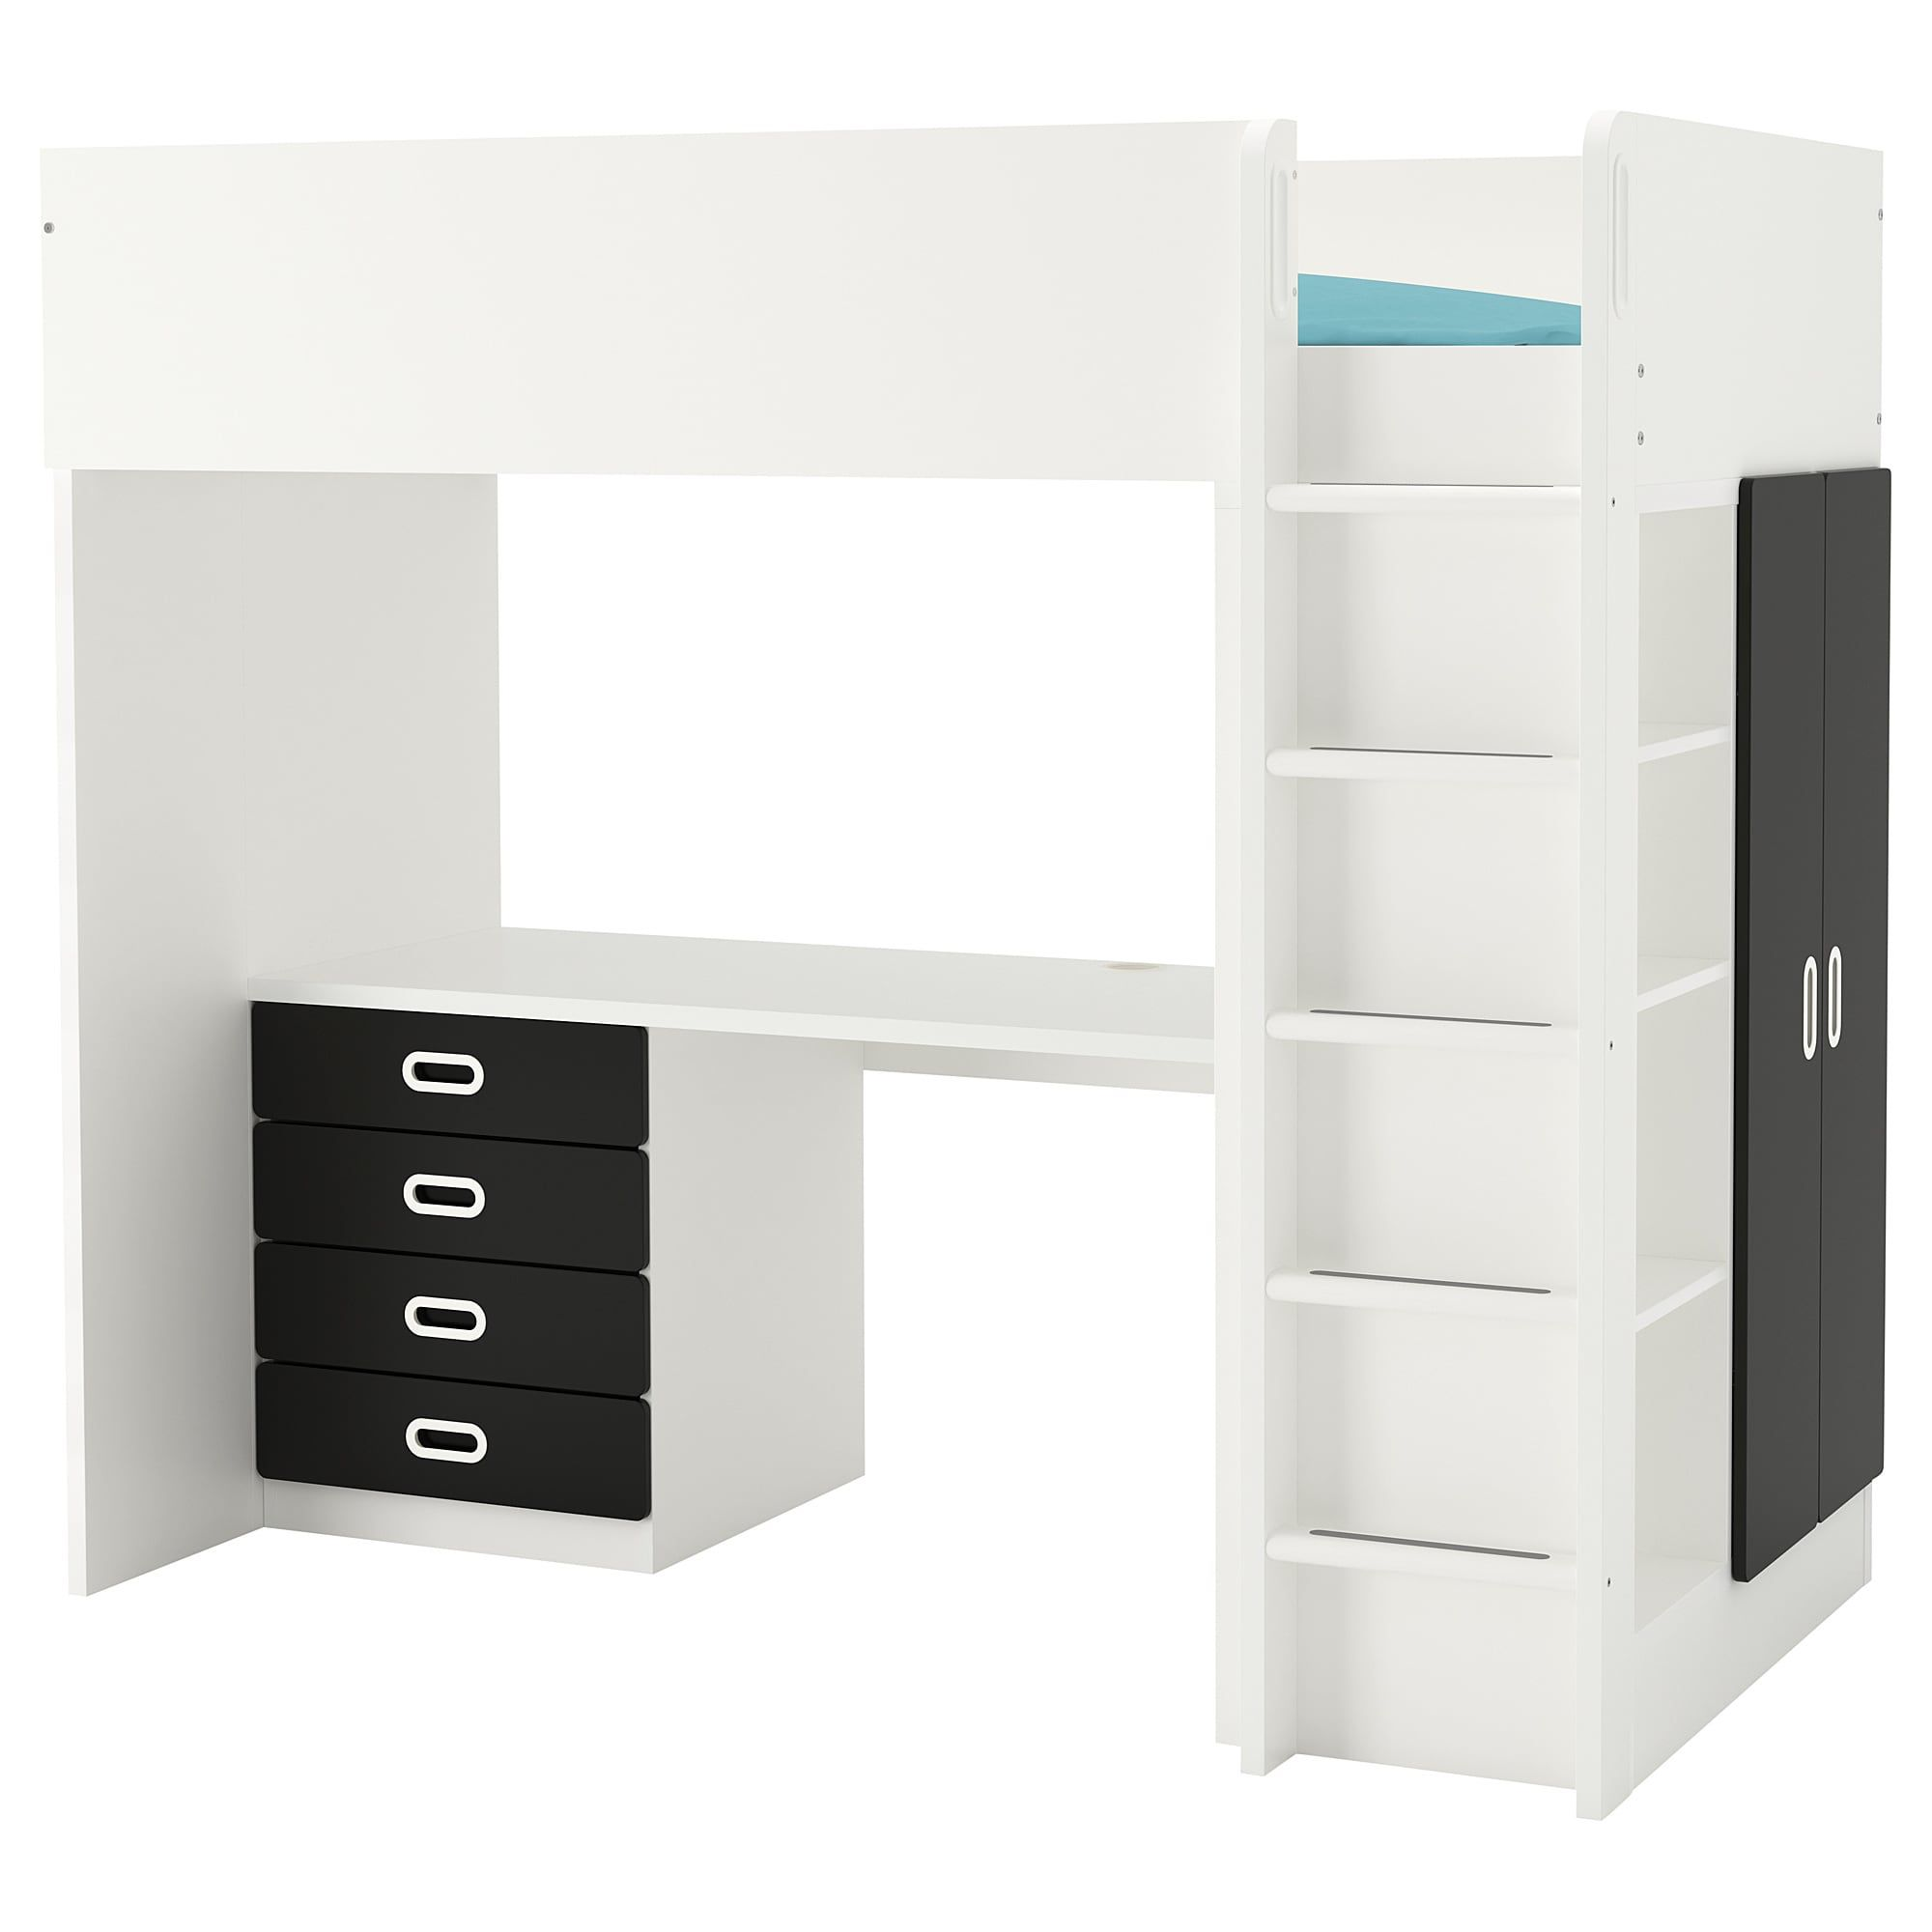 Scrivania Con Cassettiera Ikea stuva / fritids letto soppalco/4 cassetti/2 ante - bianco